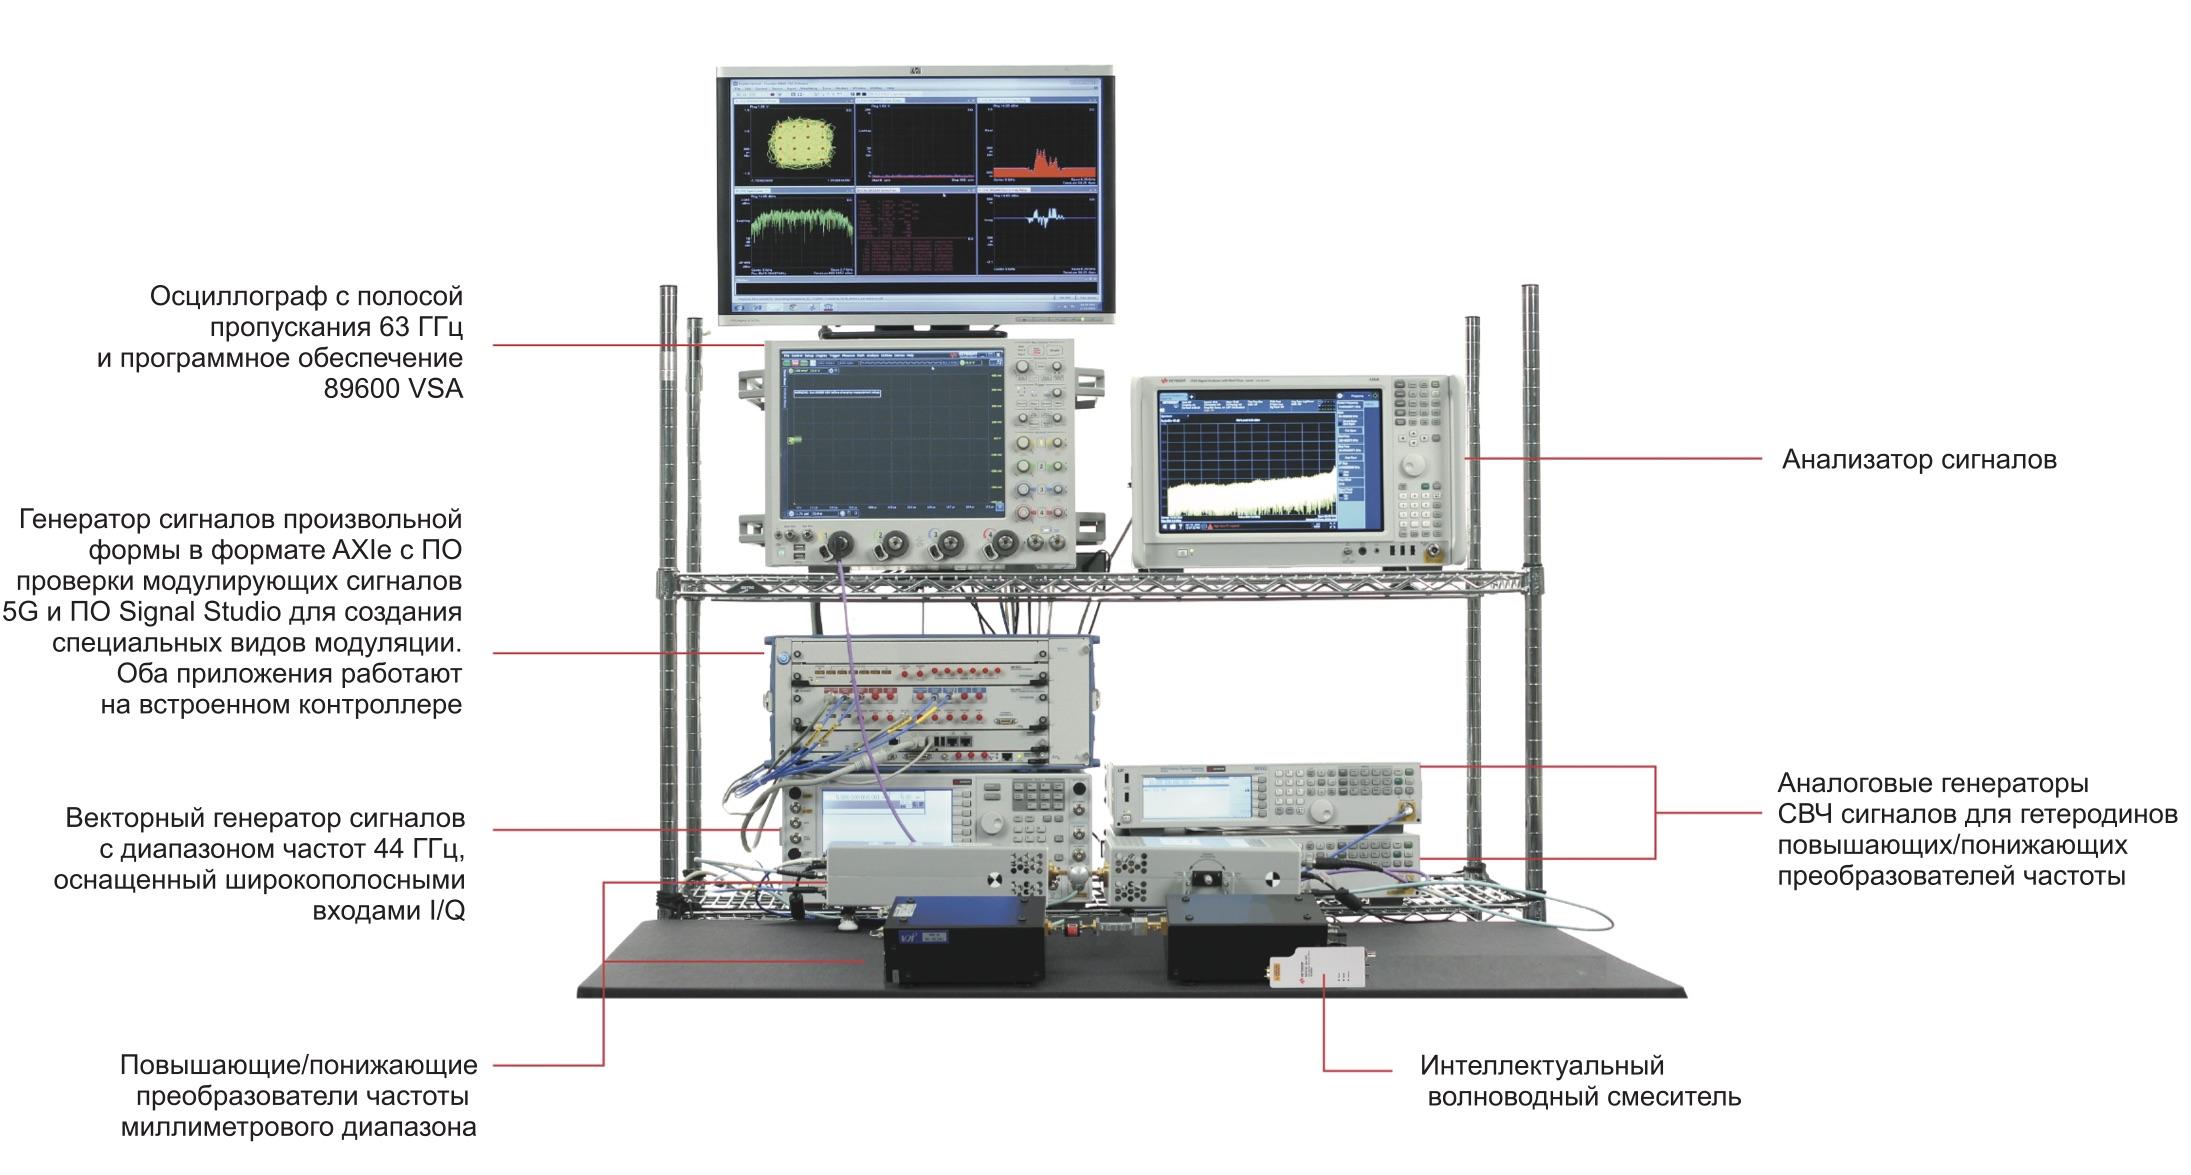 Типовое решение для формирования и анализа сигналов 5G